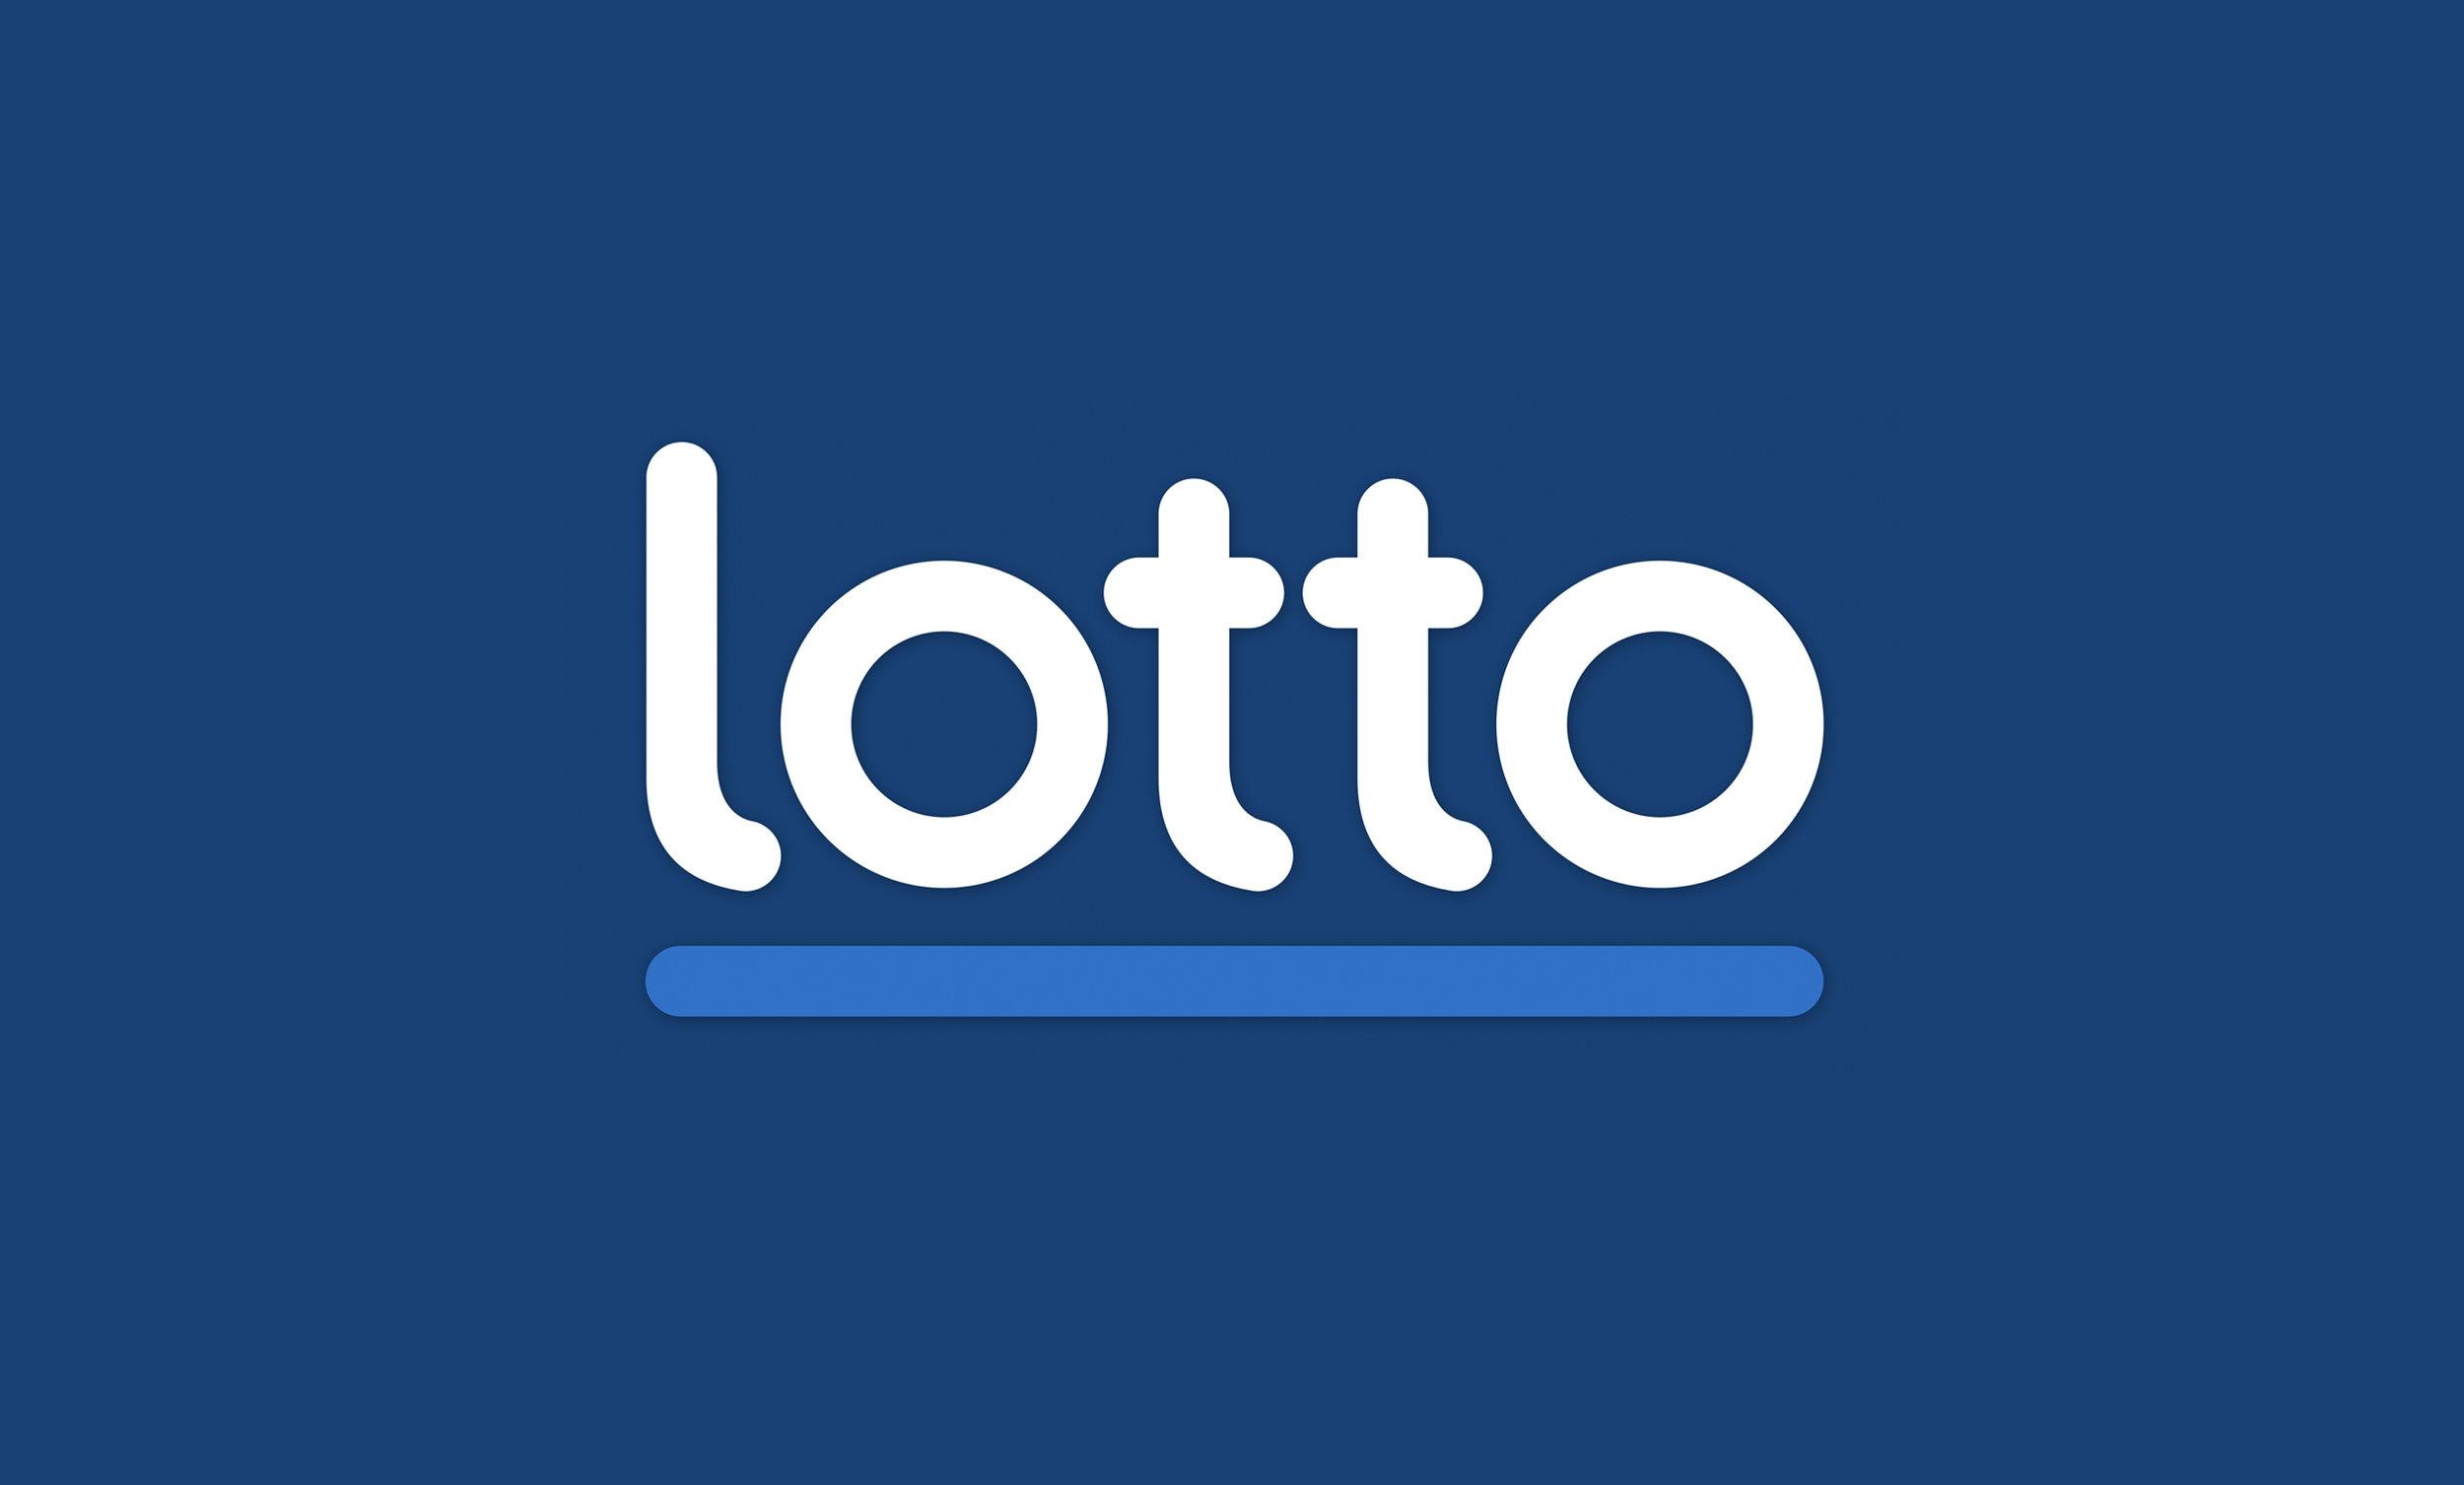 LottoLogo.jpg